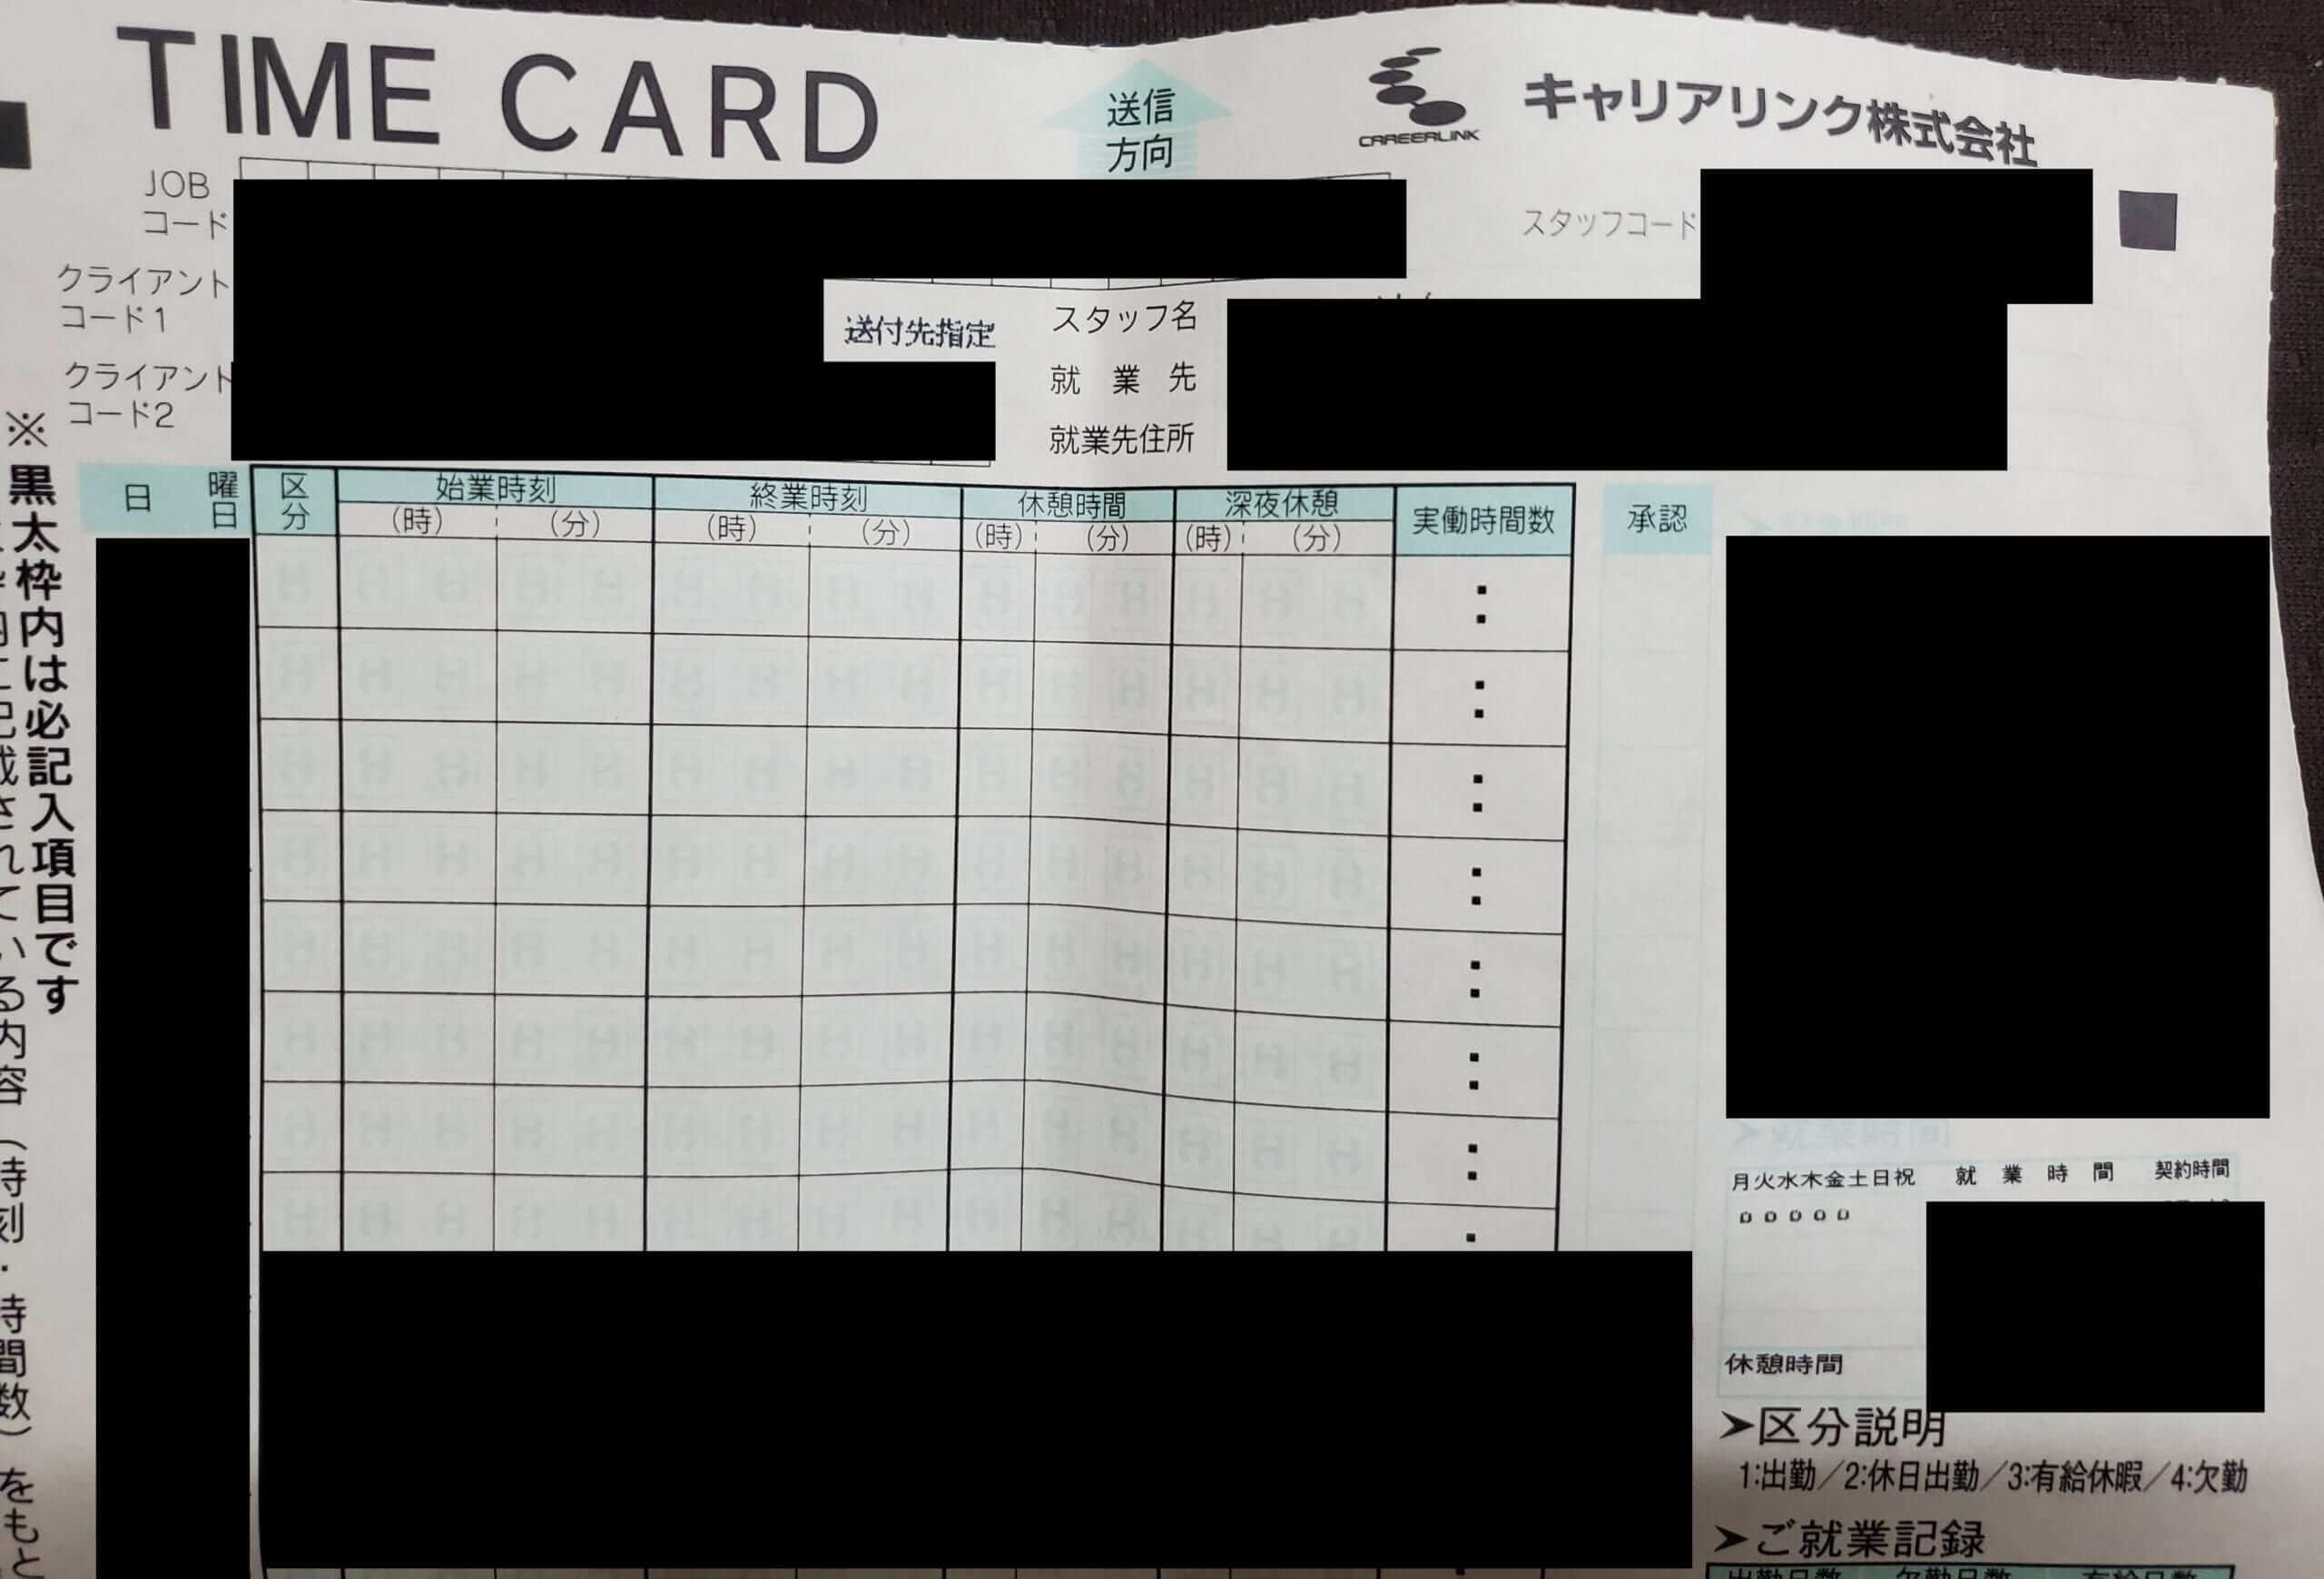 キャリアリンク株式会社 大阪支店